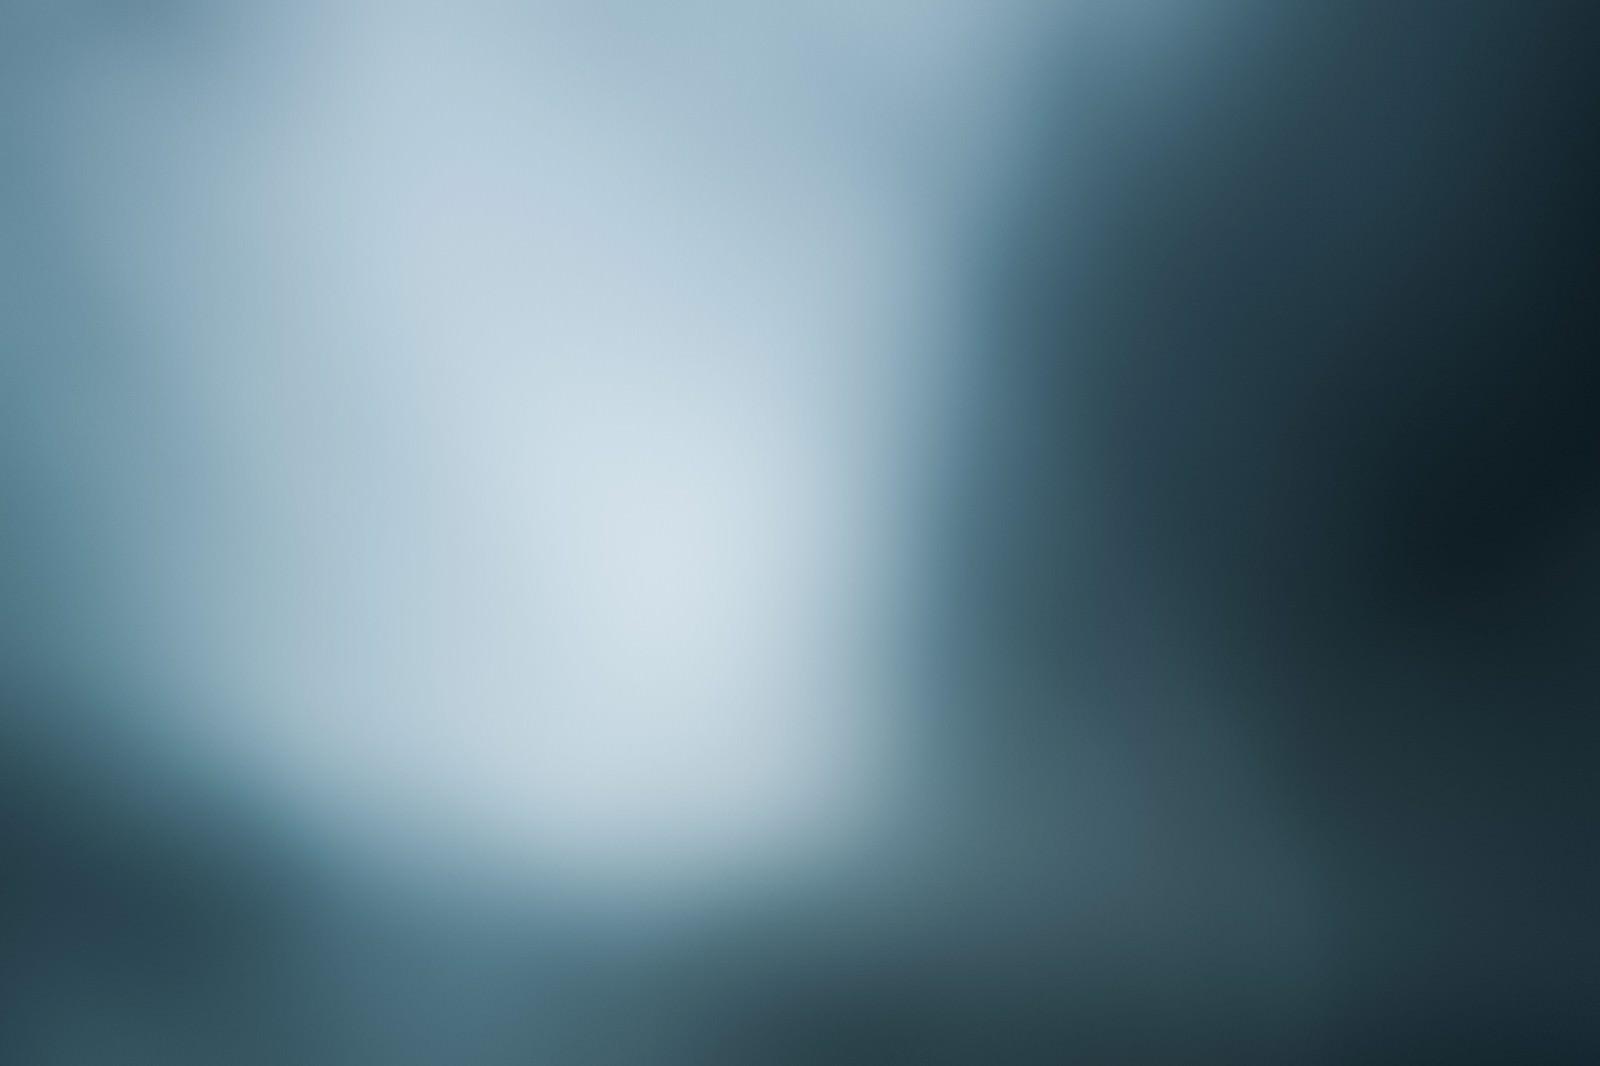 「モヤがかかった光」の写真